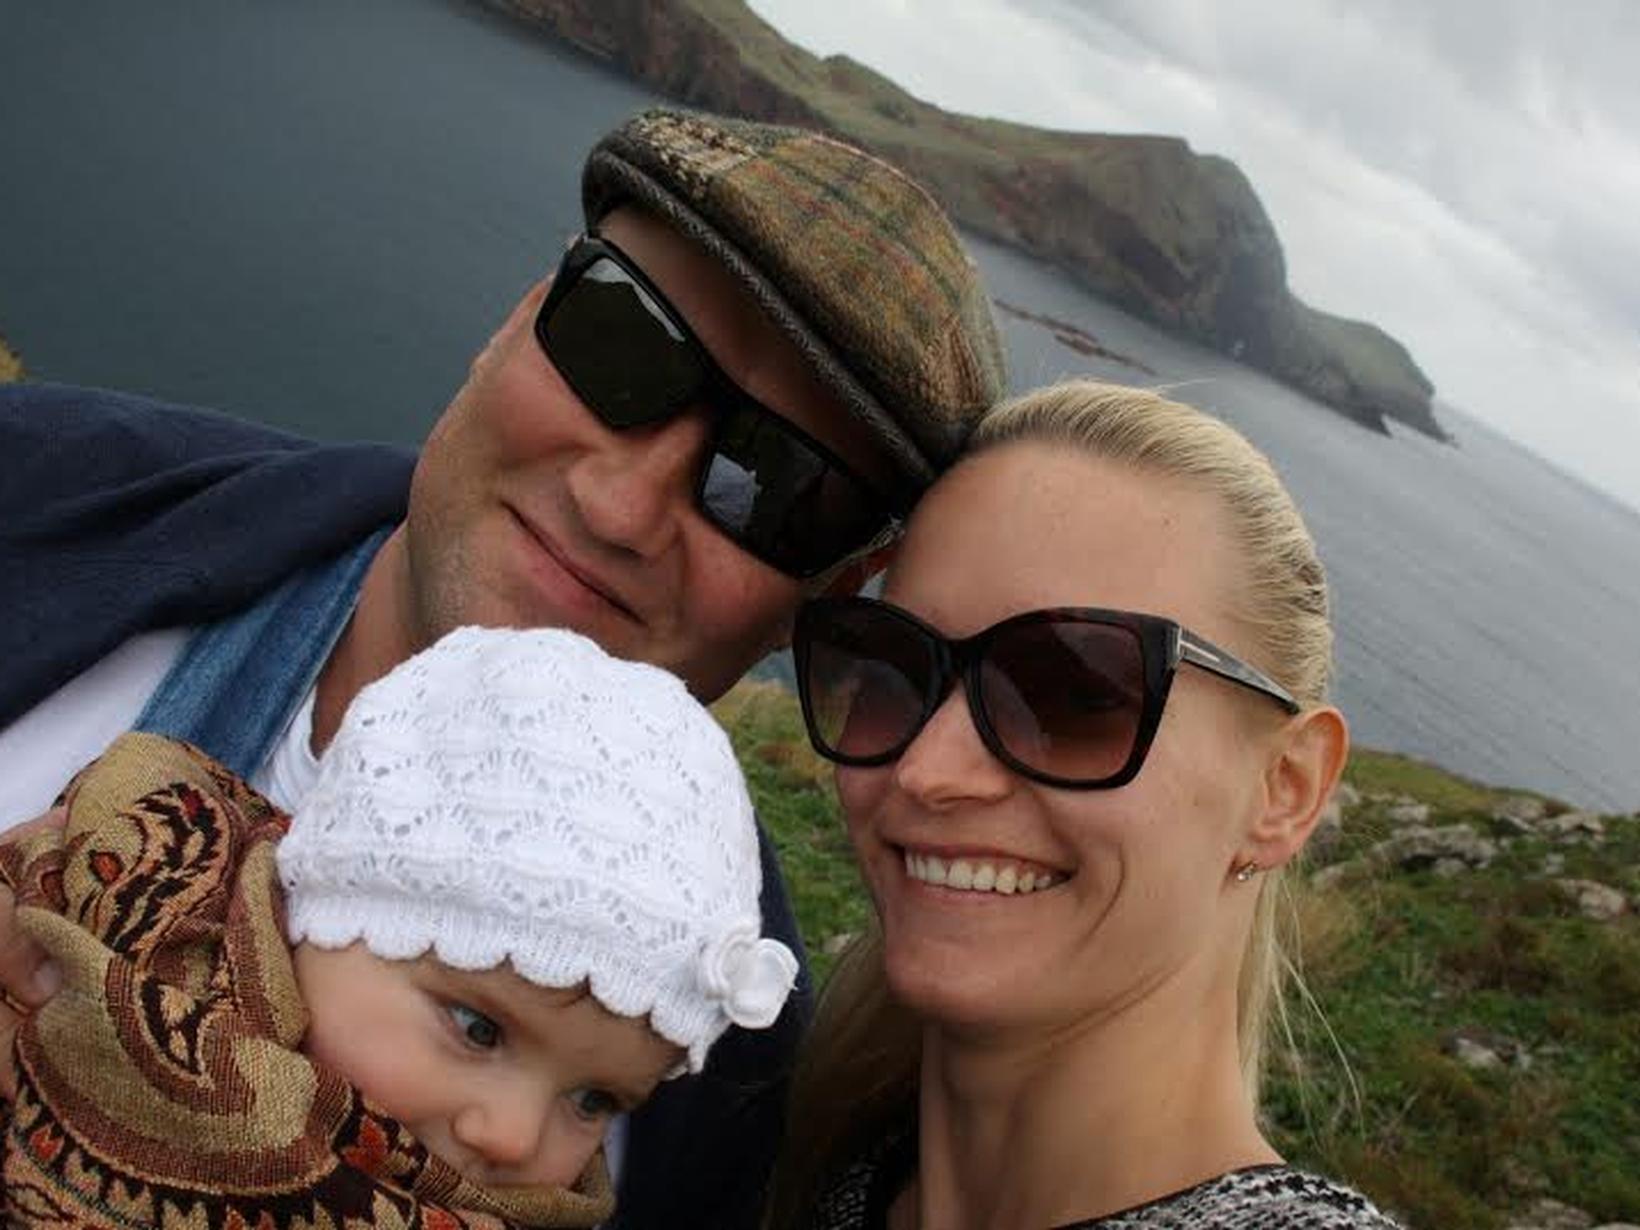 Doris & Kristjan from Mikkeli, Finland